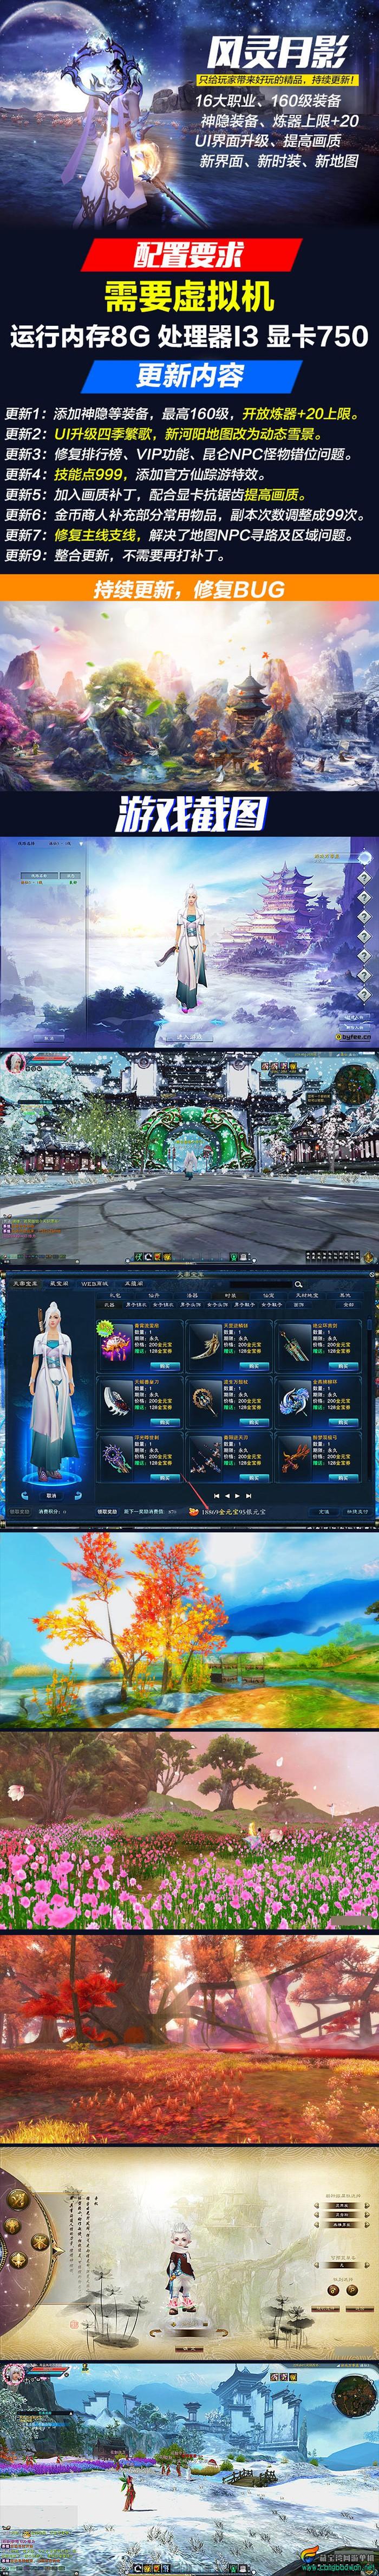 新诛仙3单机版一键服务端完整16职业局域网联机160级装备